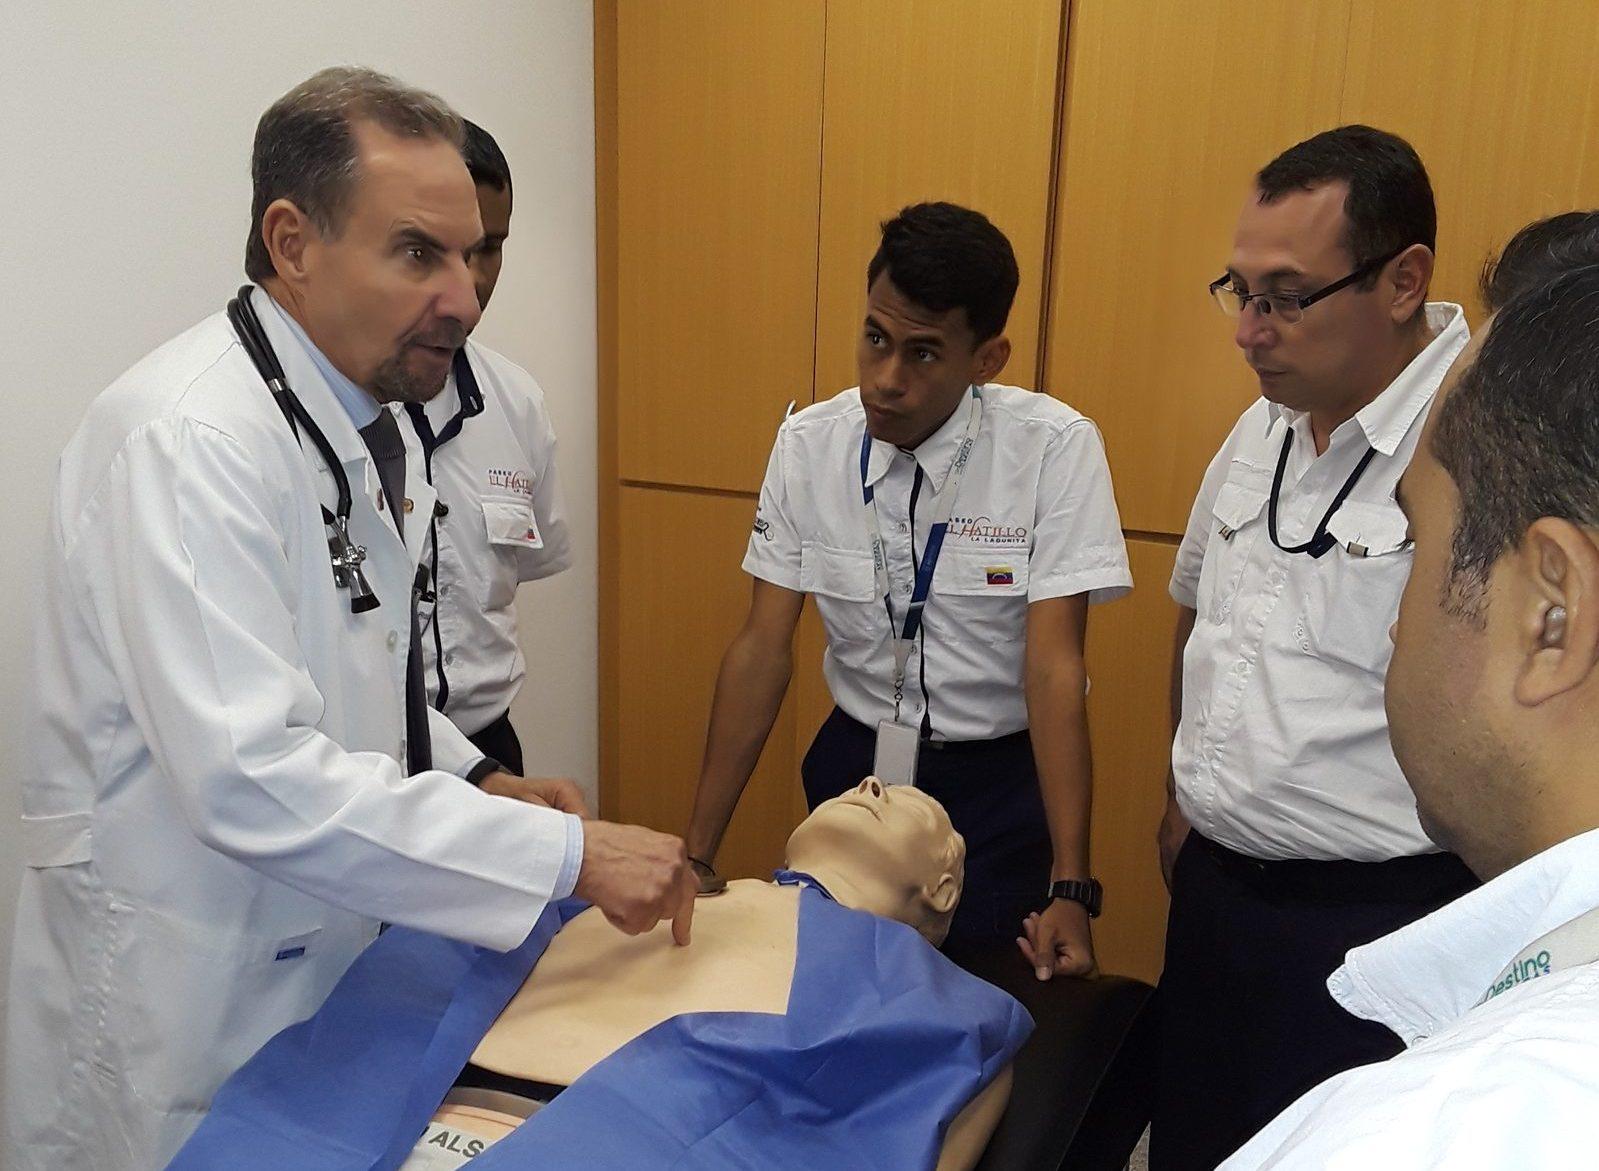 Entrenamiento en resucitación cardiopulmonar (RCP) - Dr. Roberto López Nouel, cardiólogo del CMDLT y director de Medicina Comunitaria y Programas Sociales